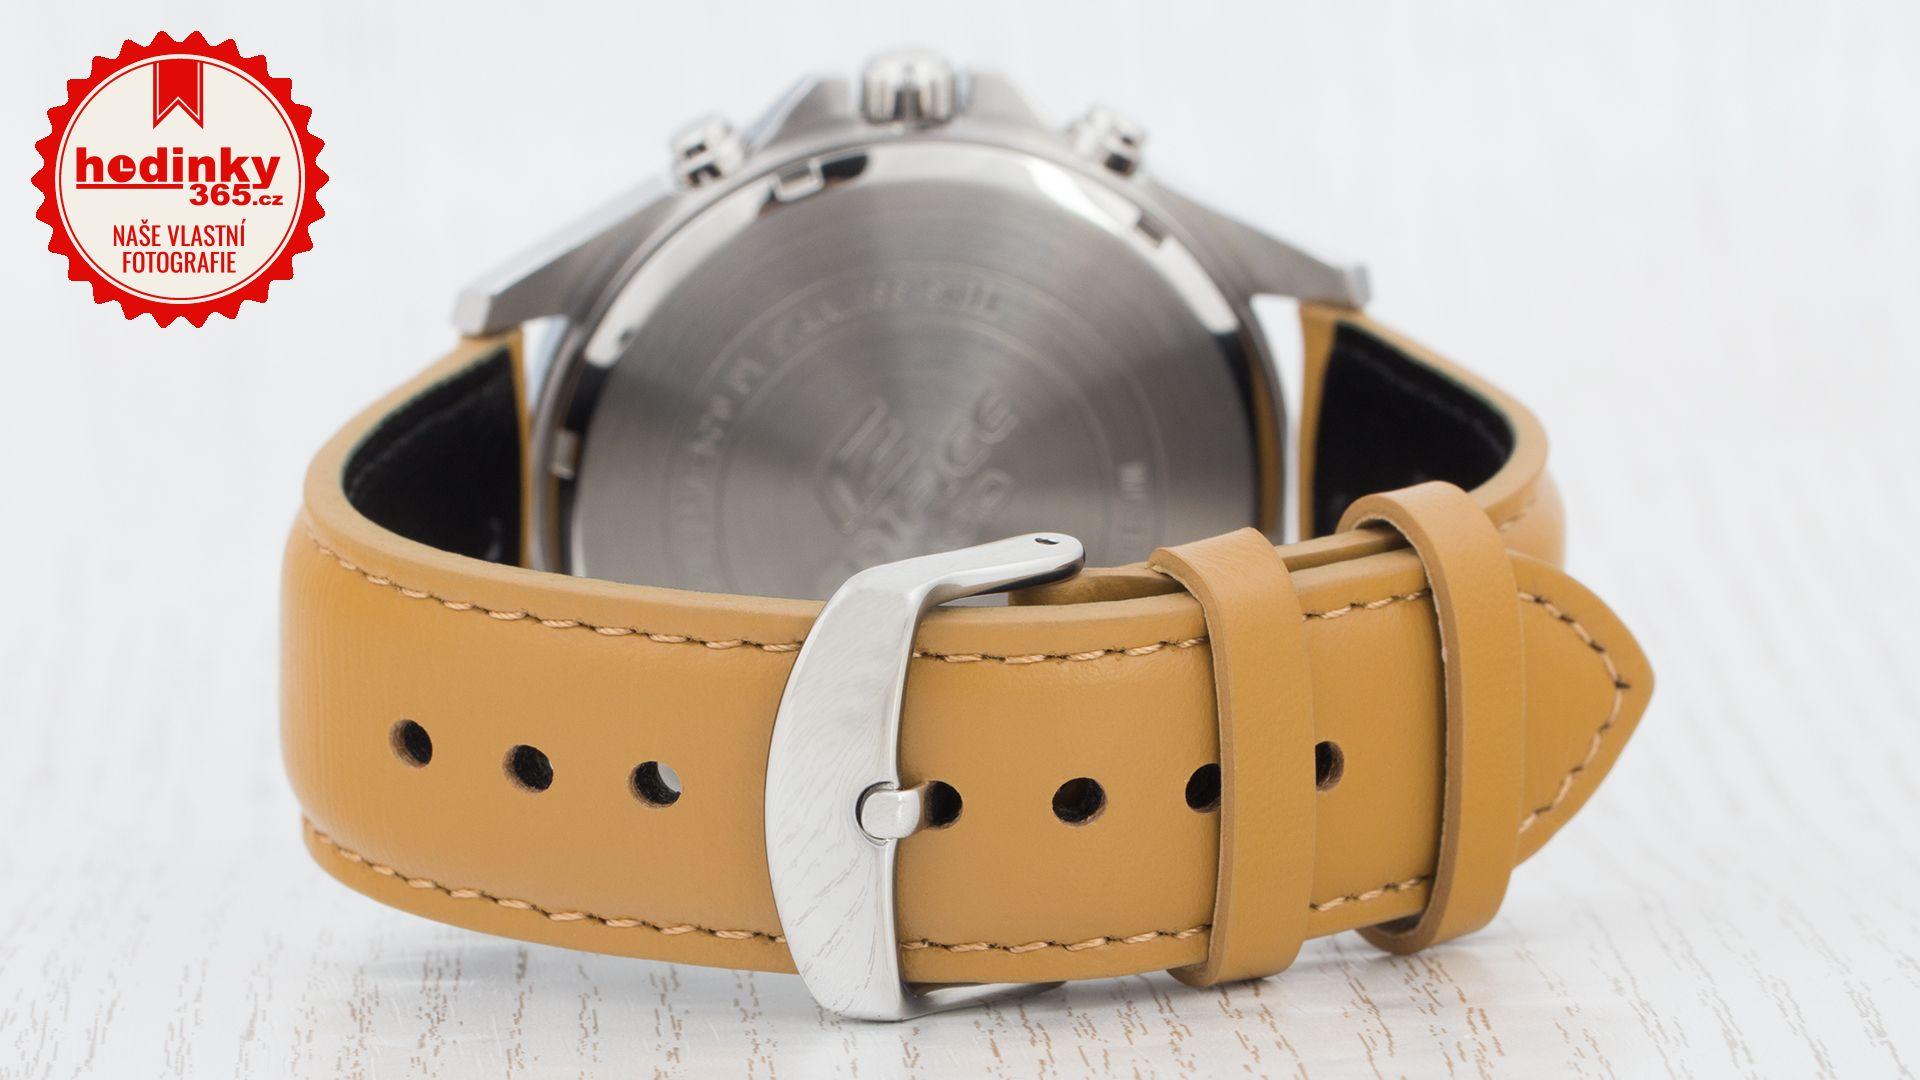 Casio Edifice EFV-520L-2AVUEF. Pánské hodinky - kožený řemínek 317f5da176